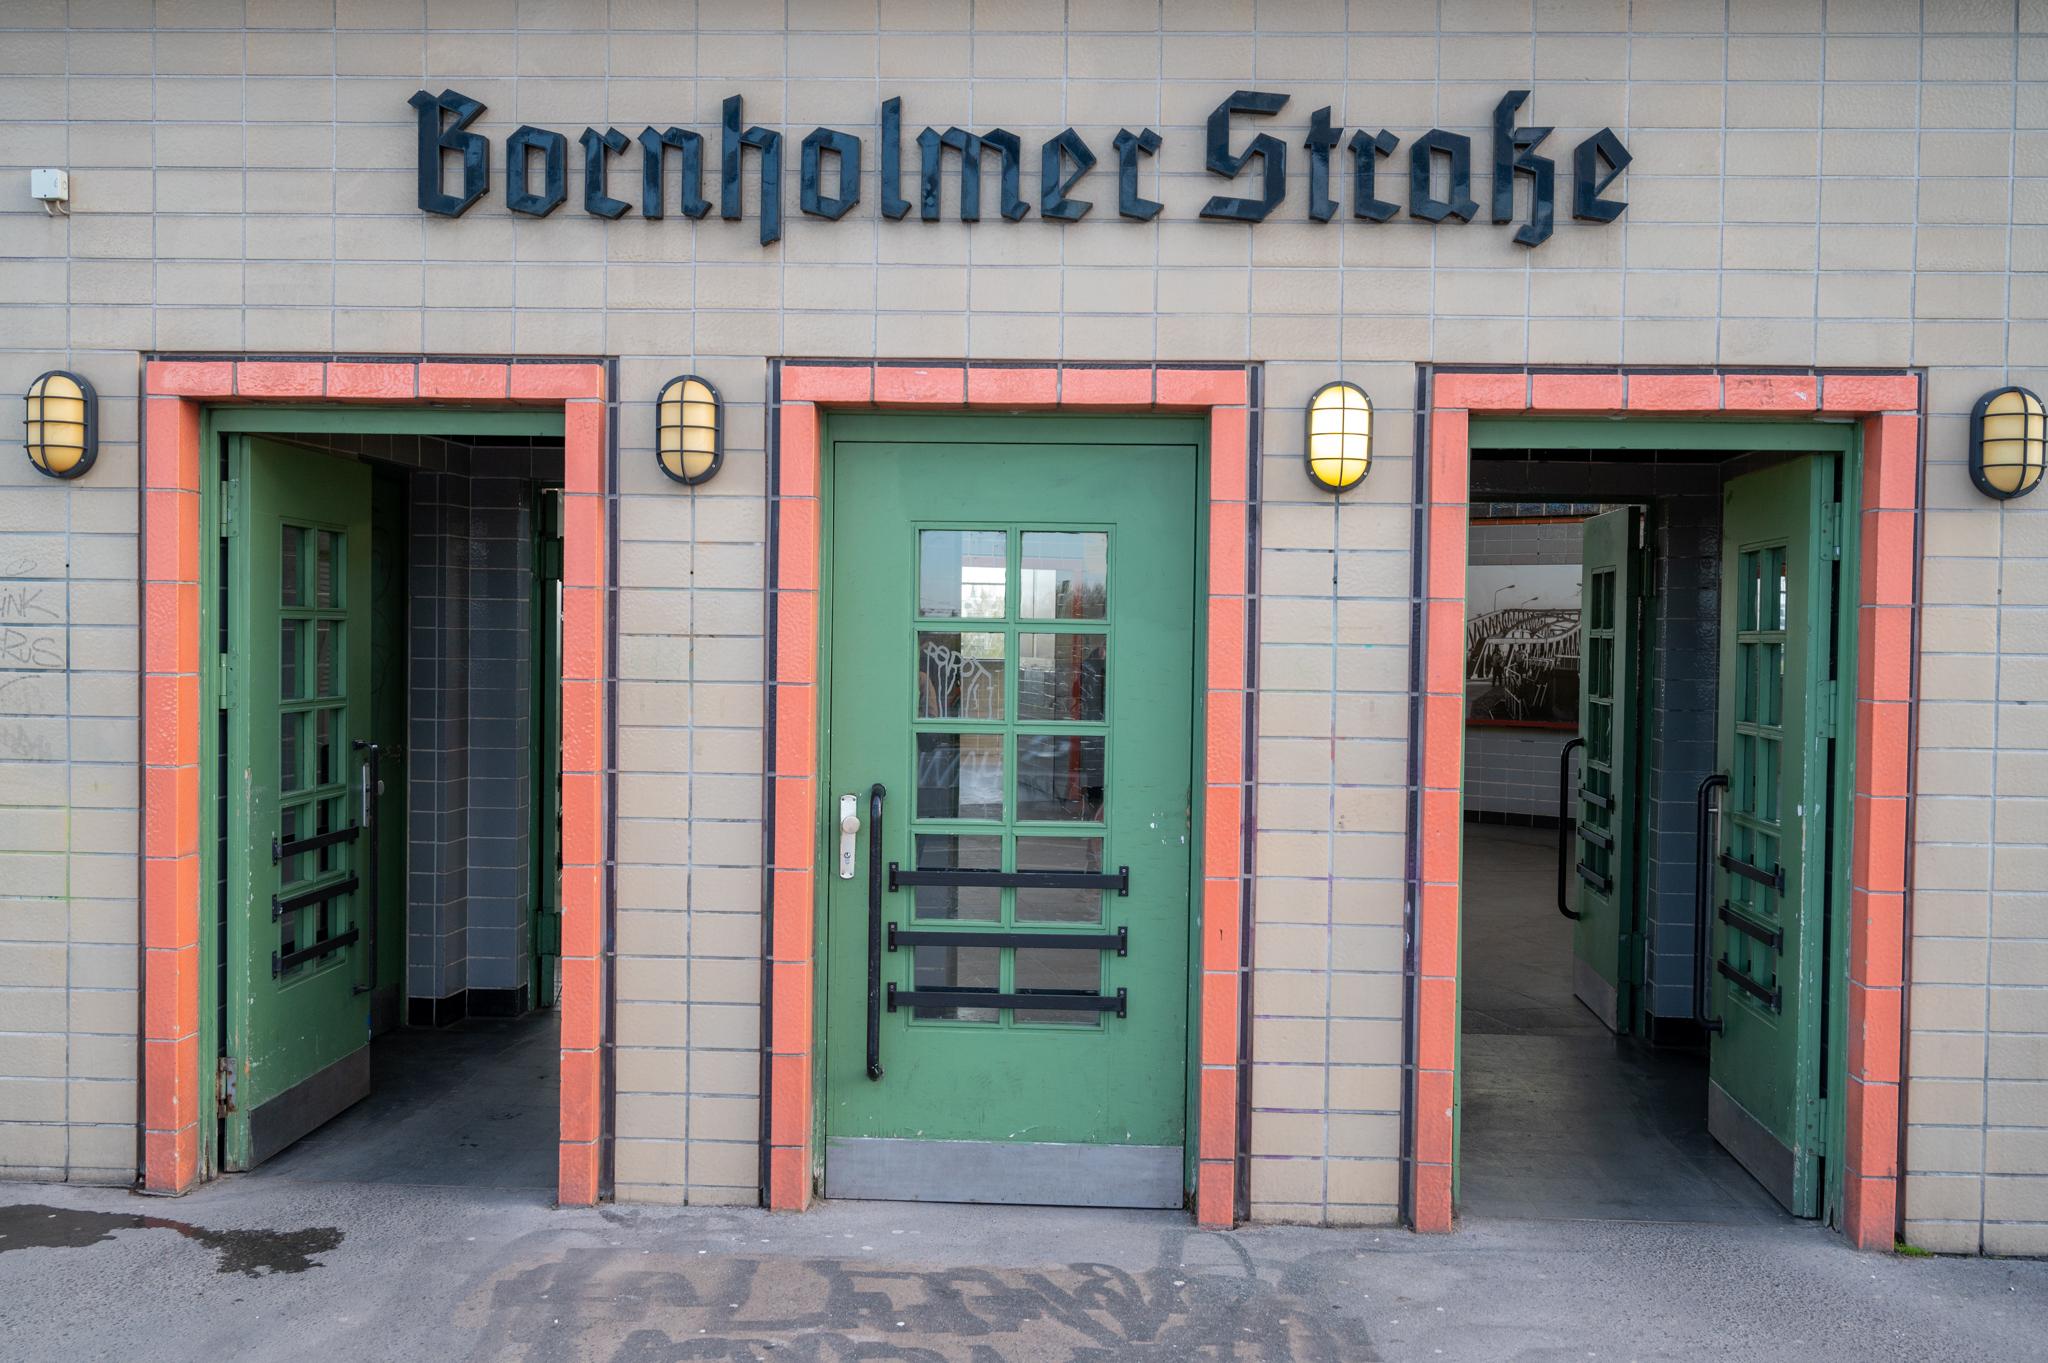 Bornholmer Straße in Prenzlauer Berg